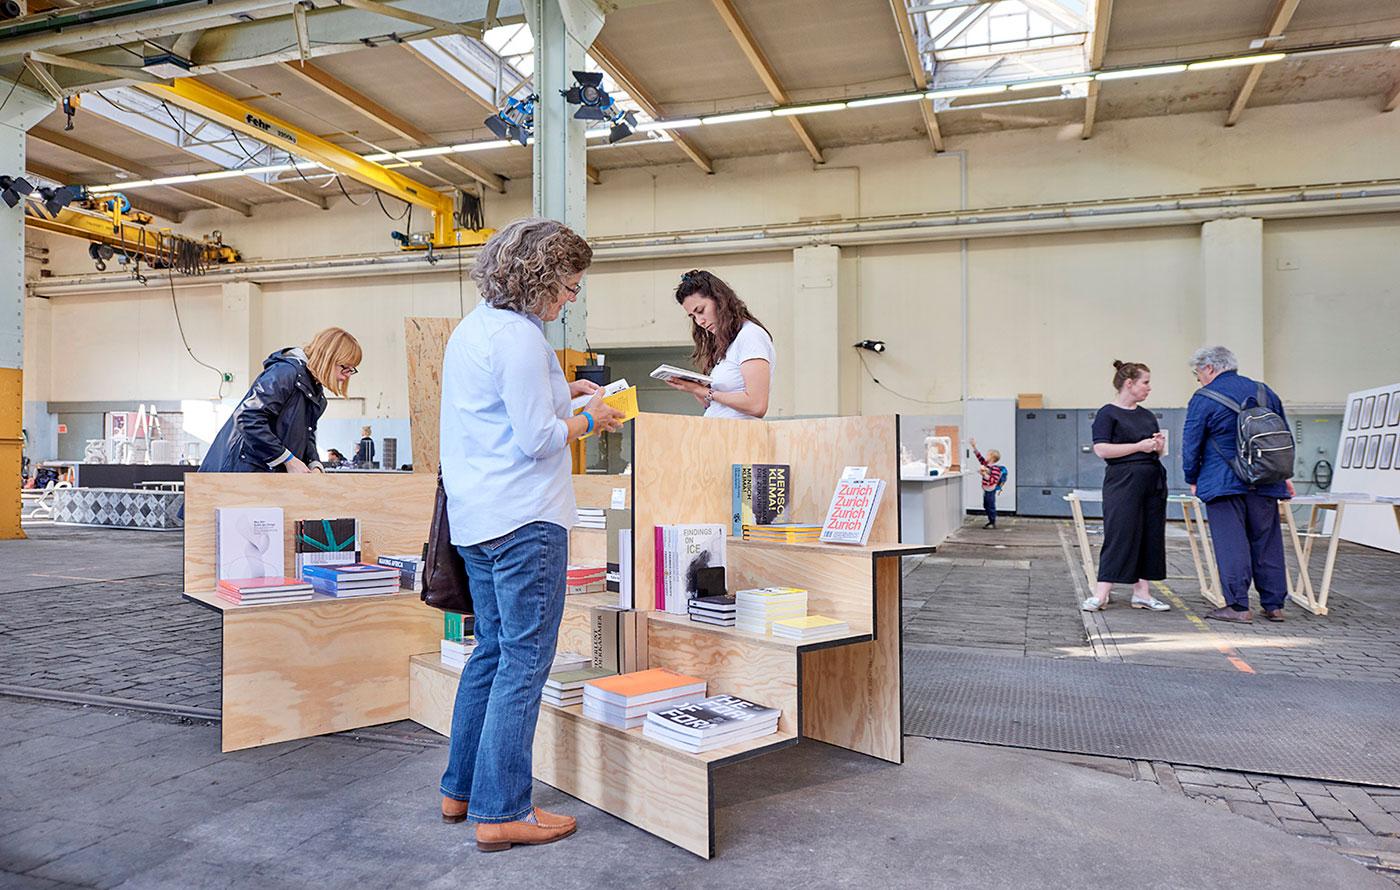 Design Biennale Zürich 2017, Nomadic Book Store, Lars Muller Publishers (Foto: Luca Zanier)